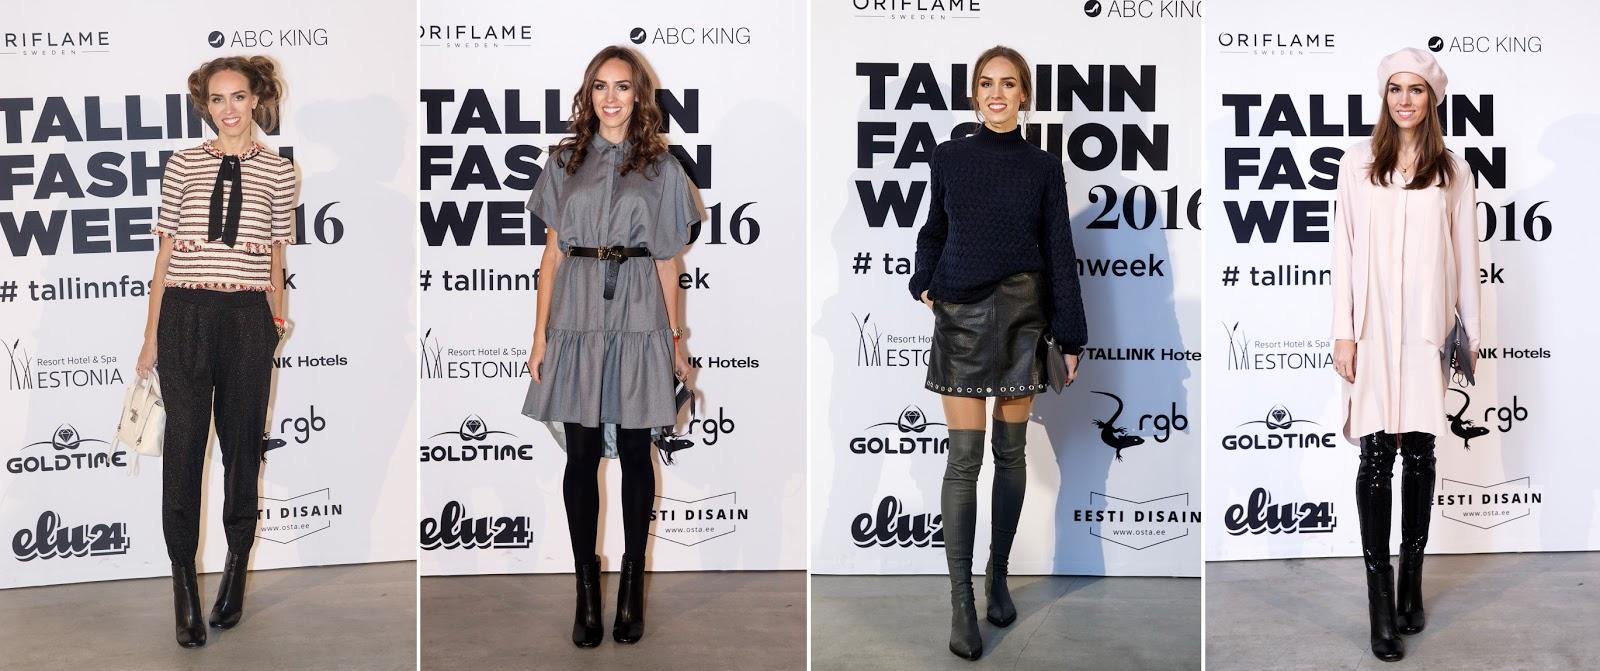 tallinn-fashion-week-2016-kristjaana-mere